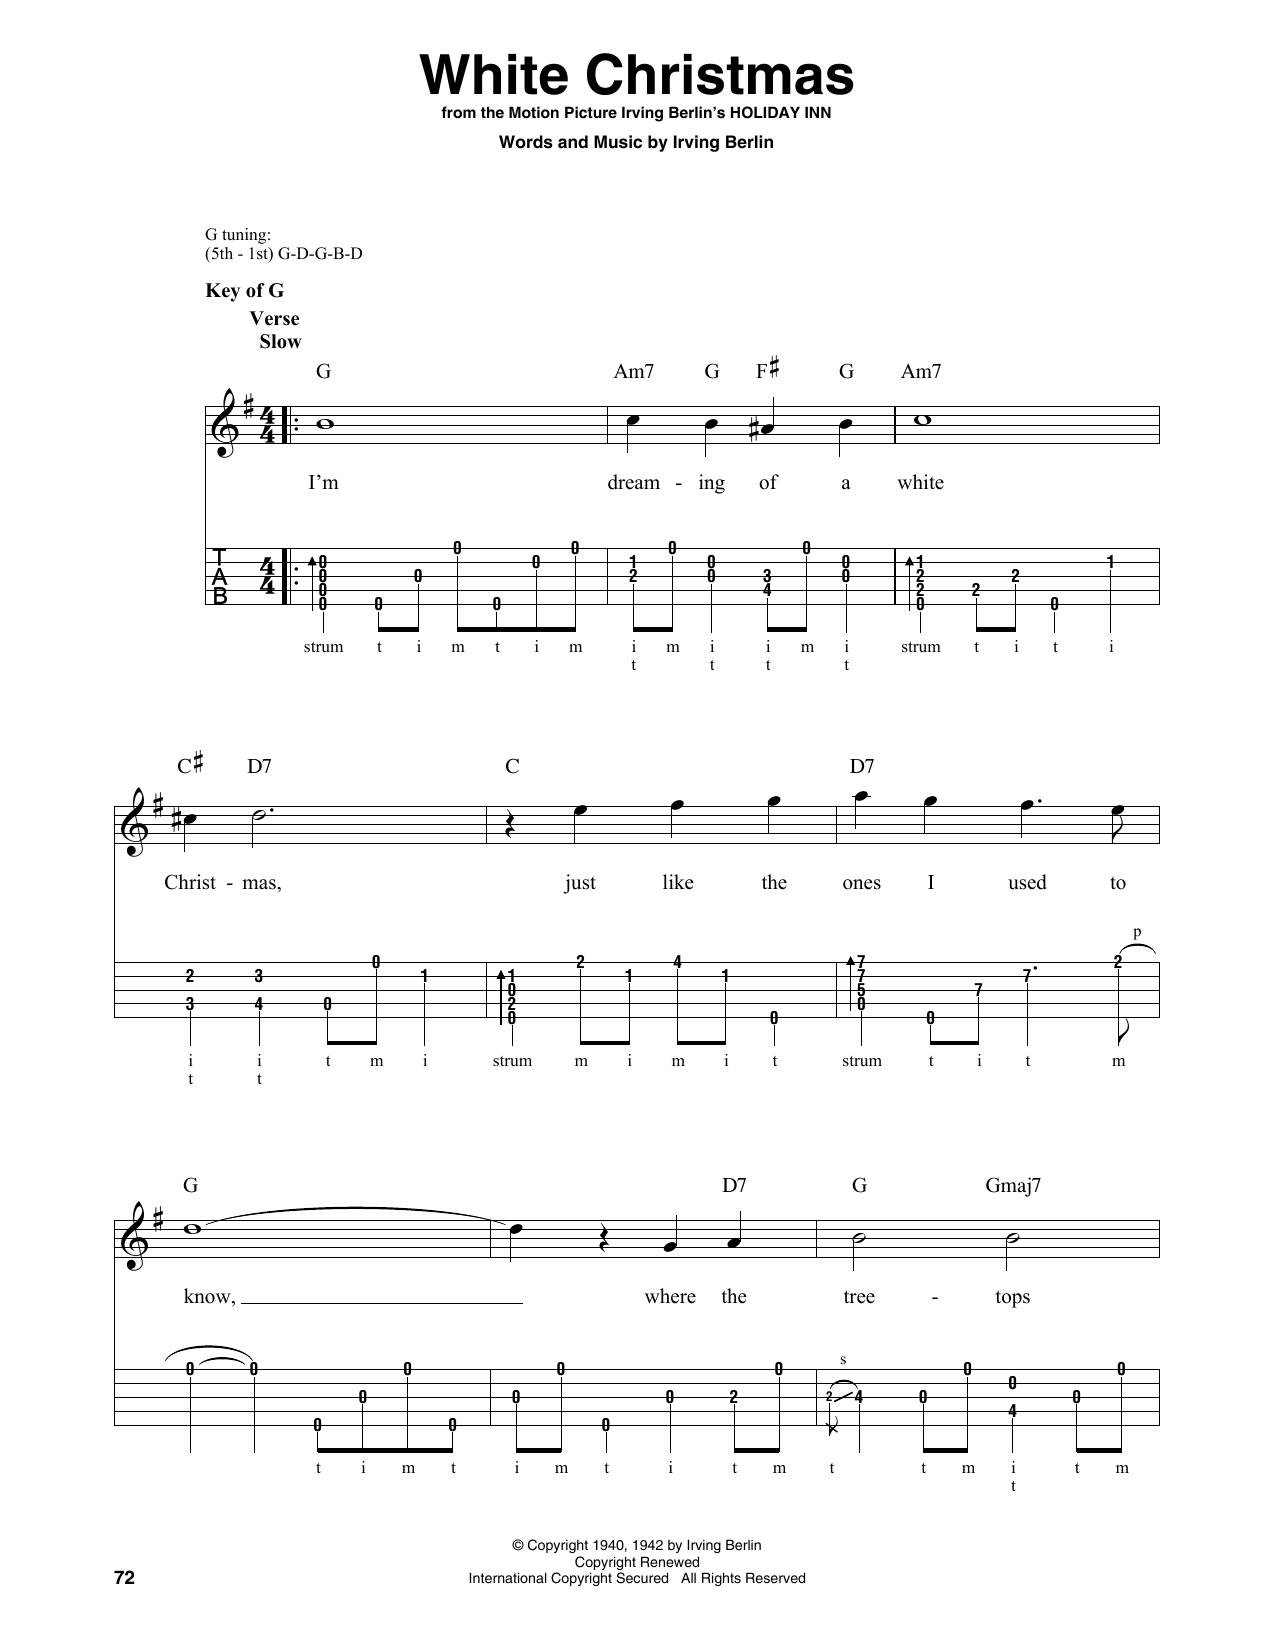 White Christmas | Irving Berlin | Banjo